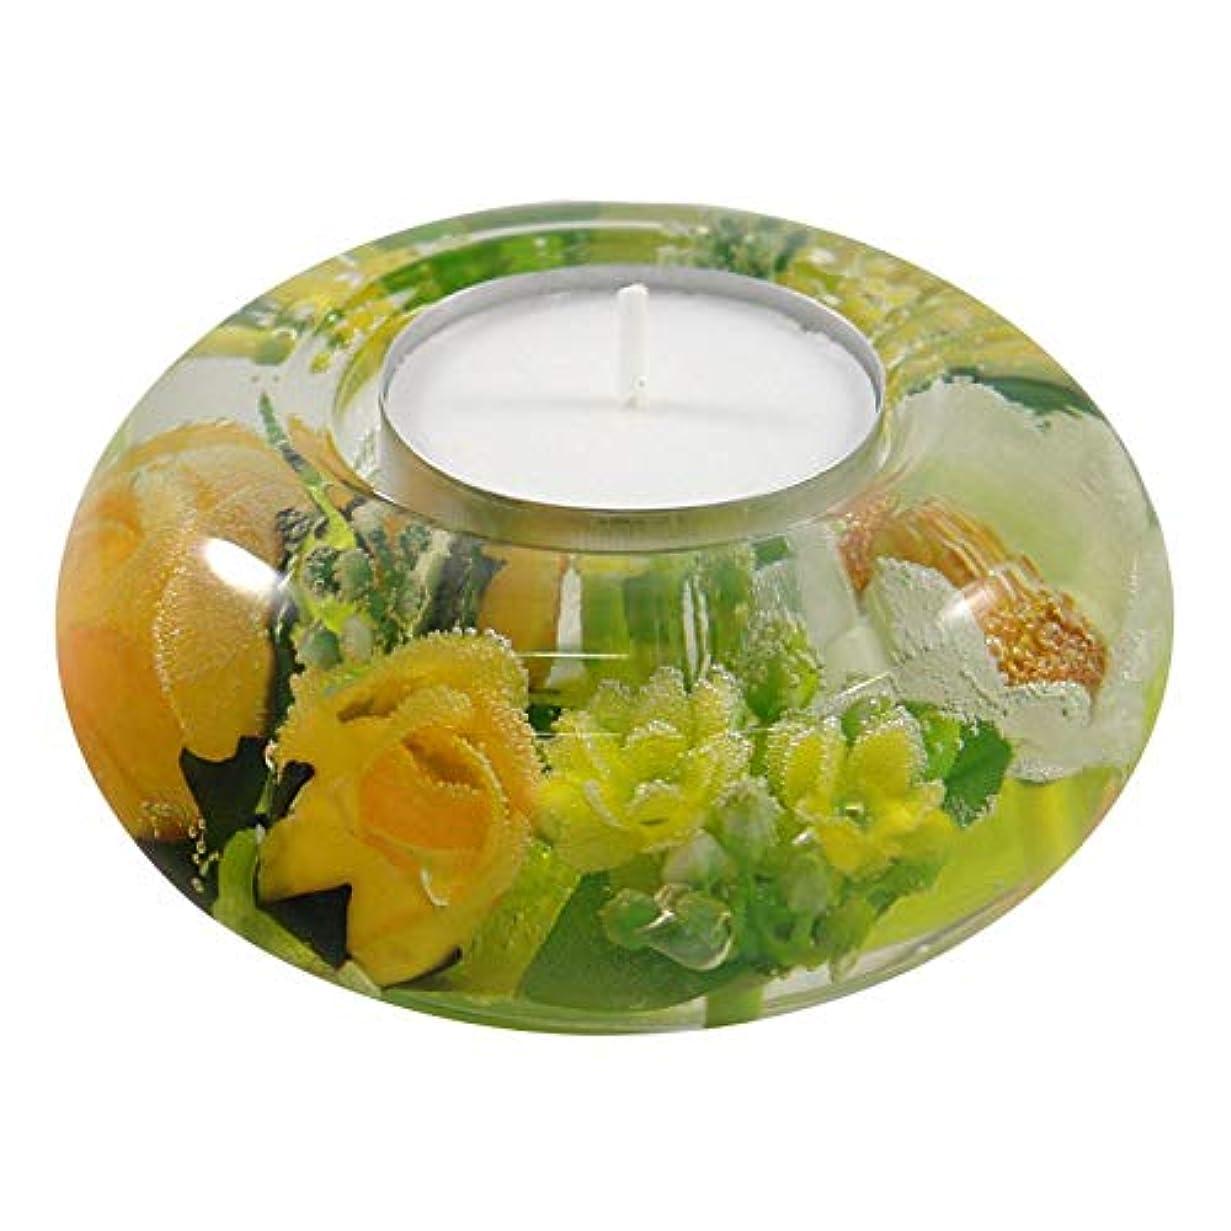 入射広範囲トライアスリートドリームライト UFO スプリングフラワー 花 キャンドルホルダー ガラス キャンドルスタンド おしゃれ